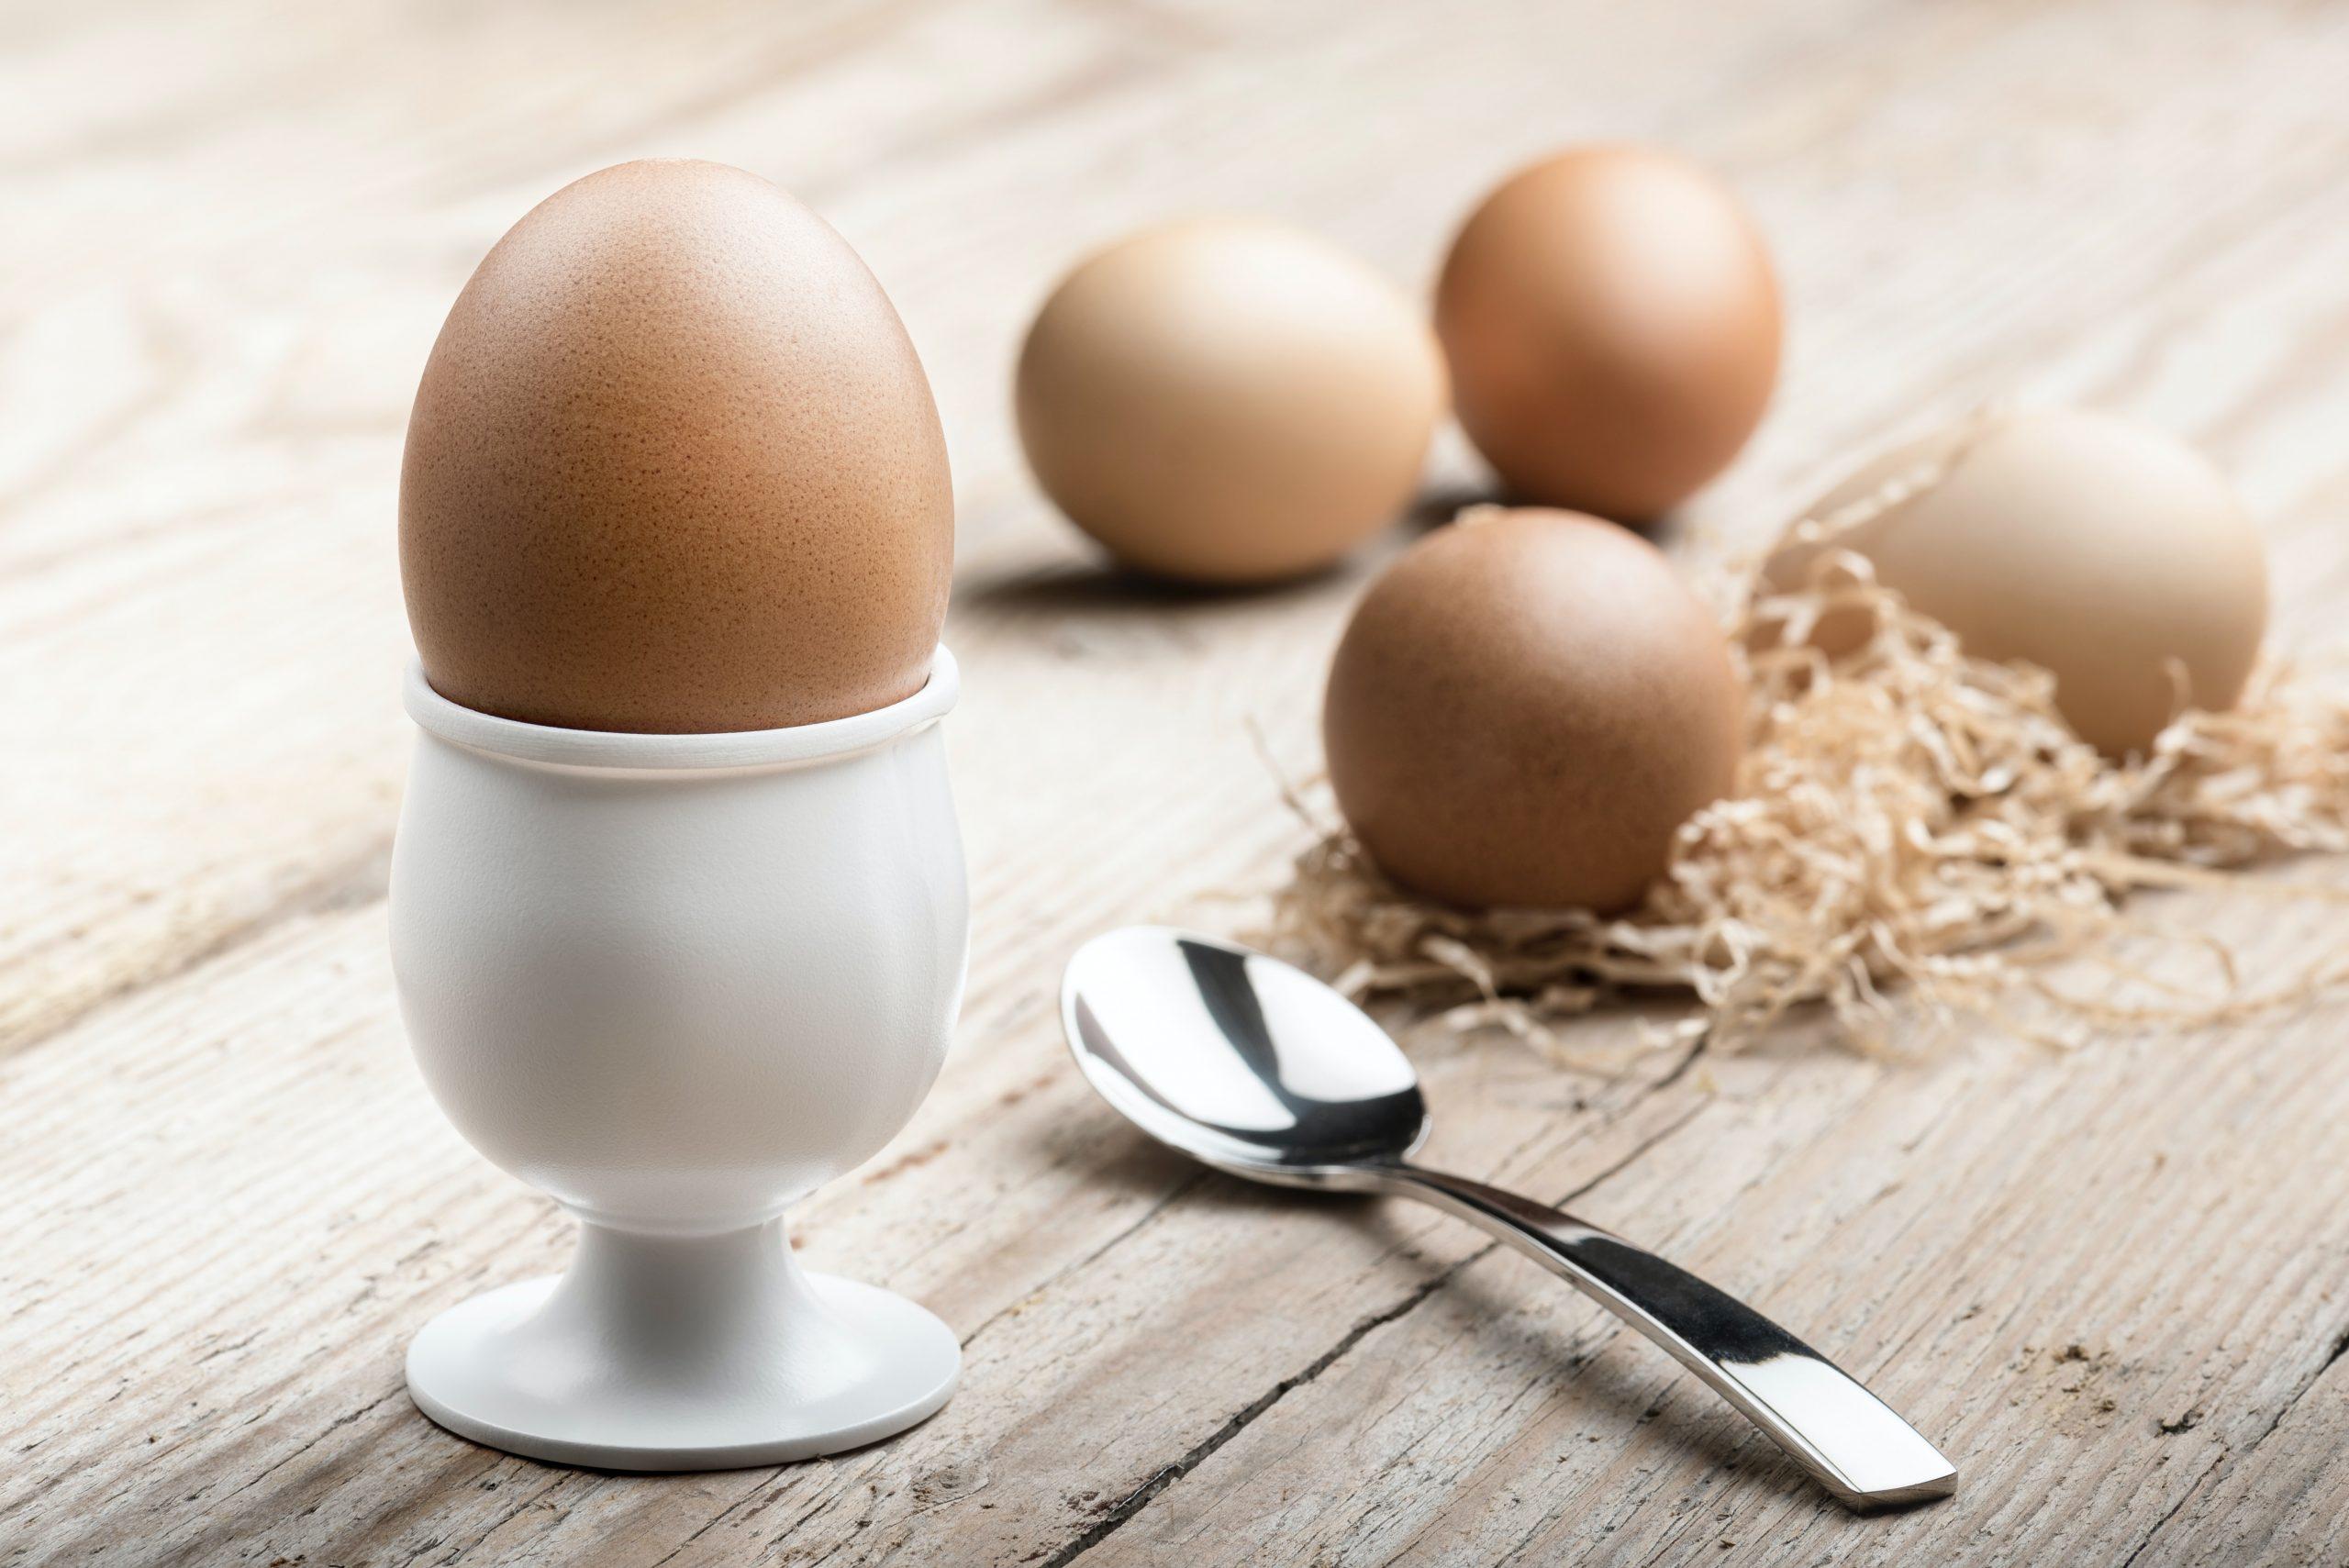 αυγά σε θήκη